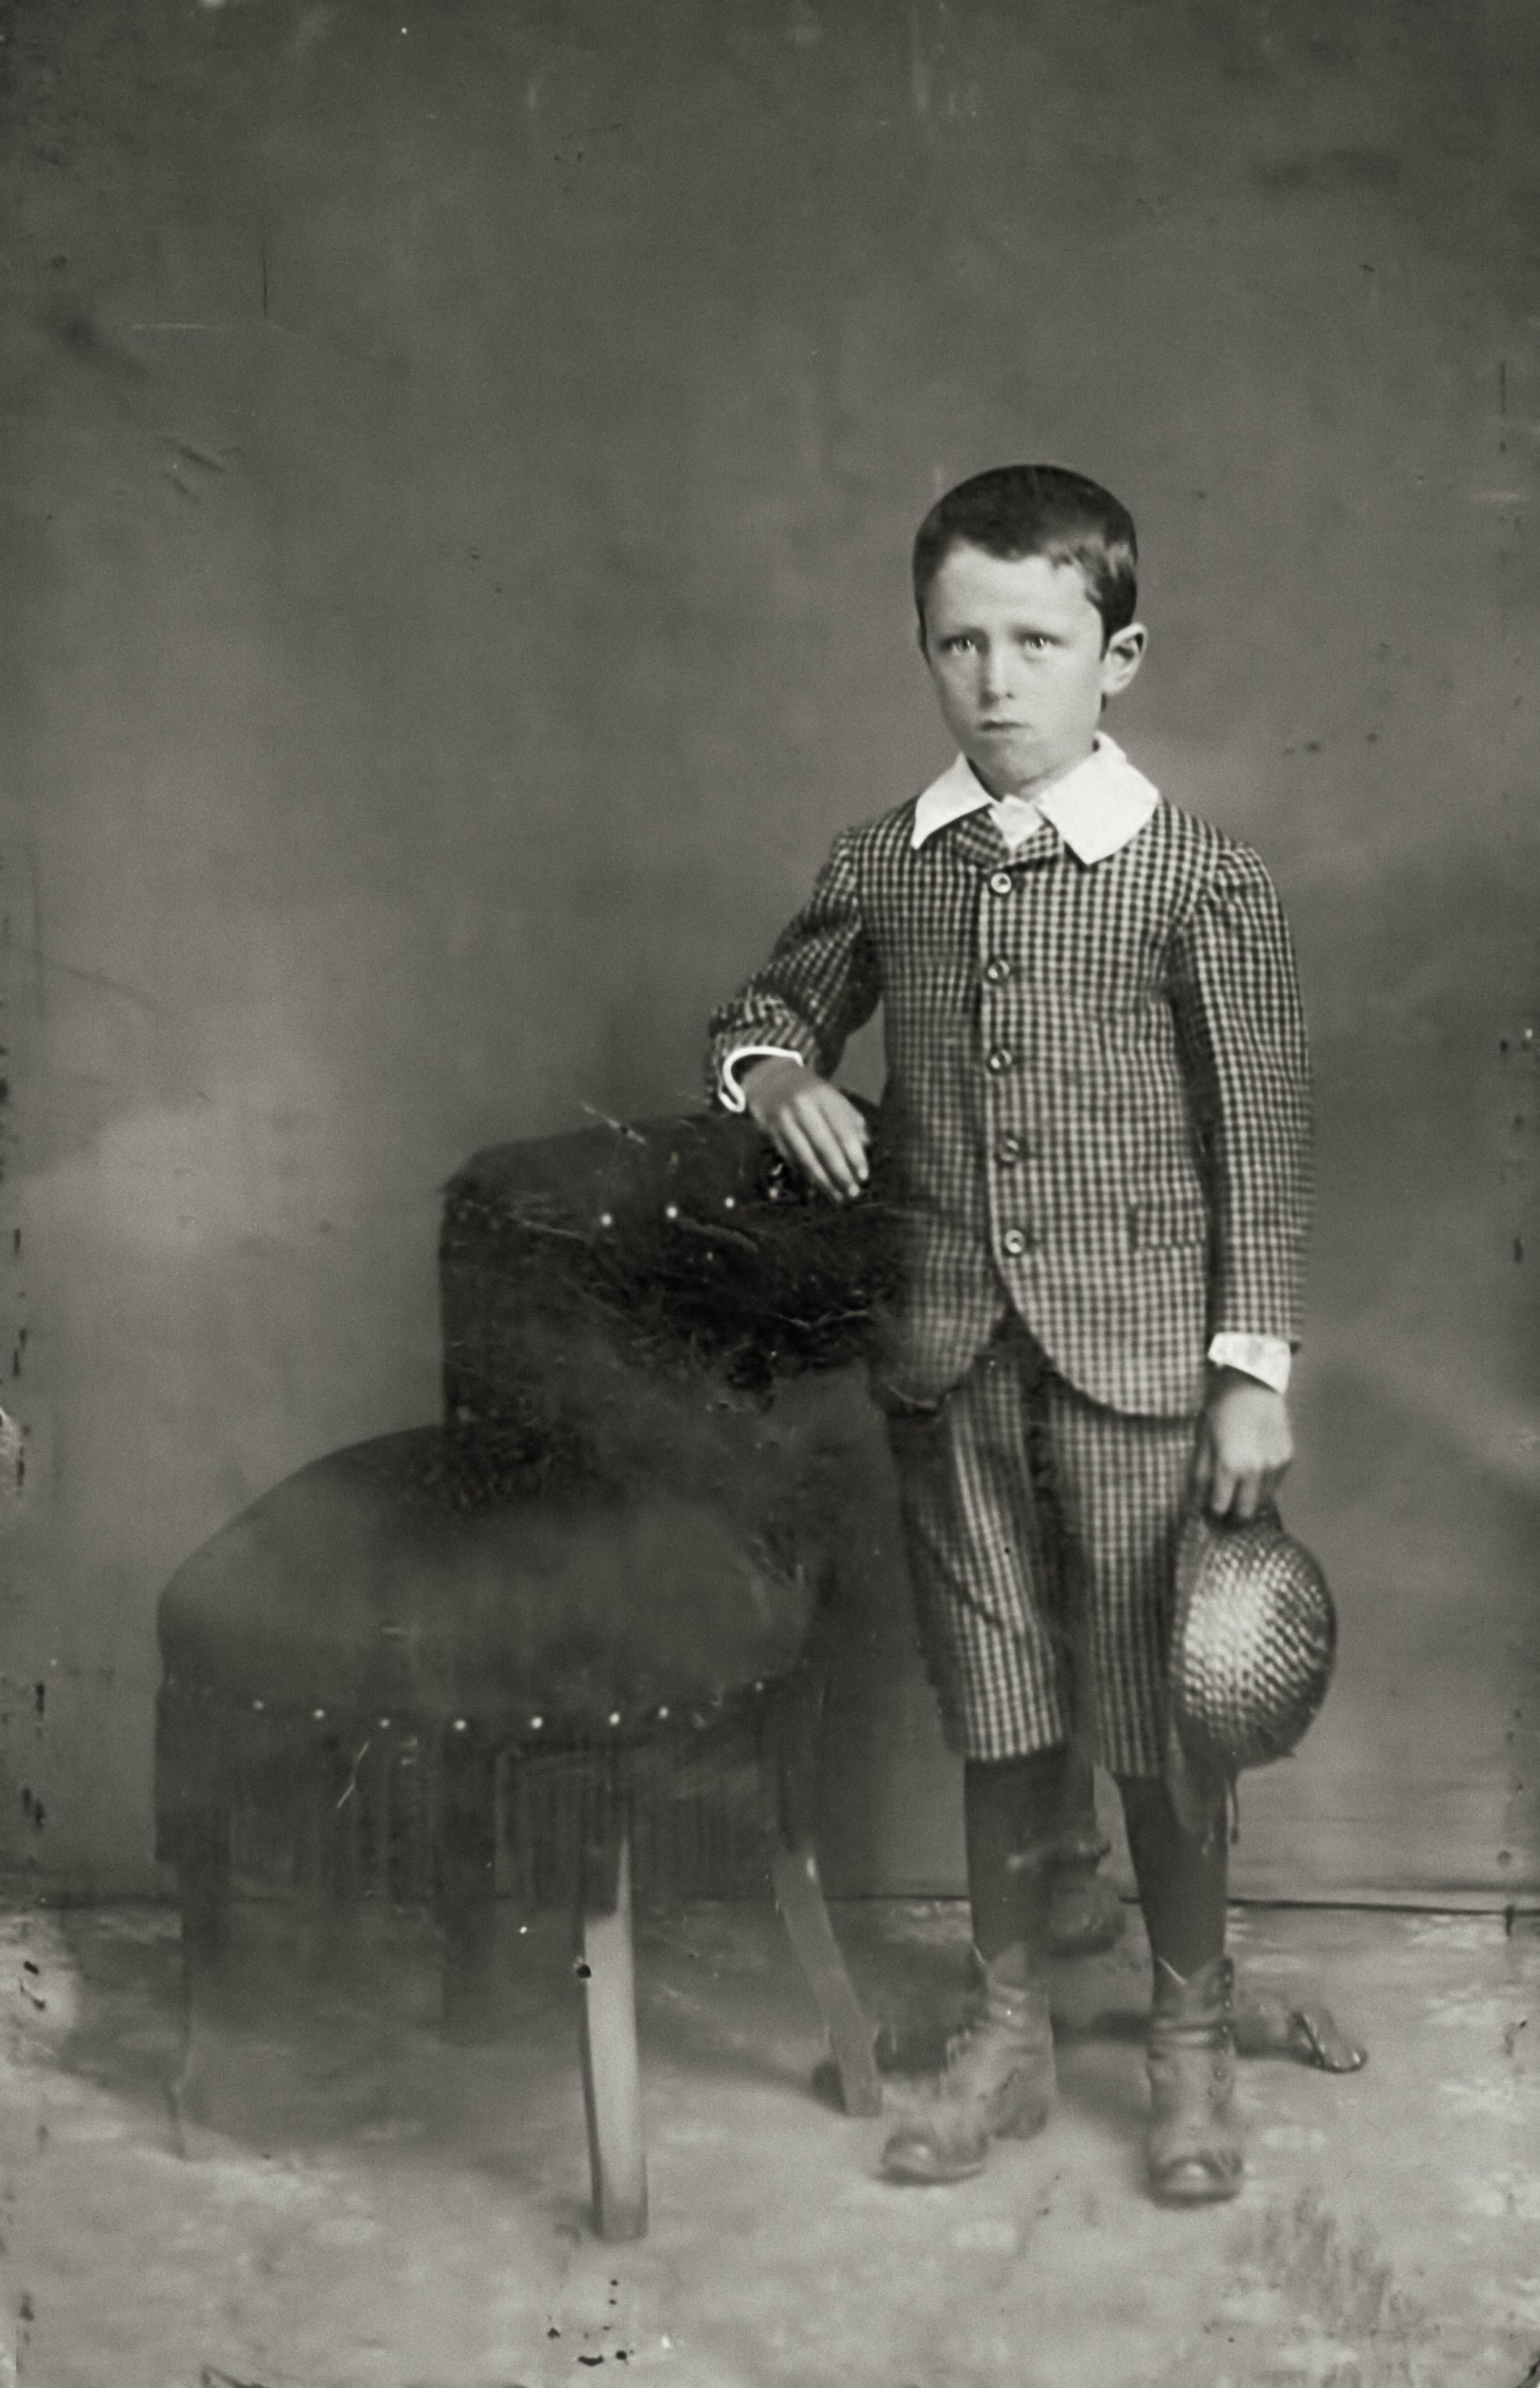 Henry Dorsey